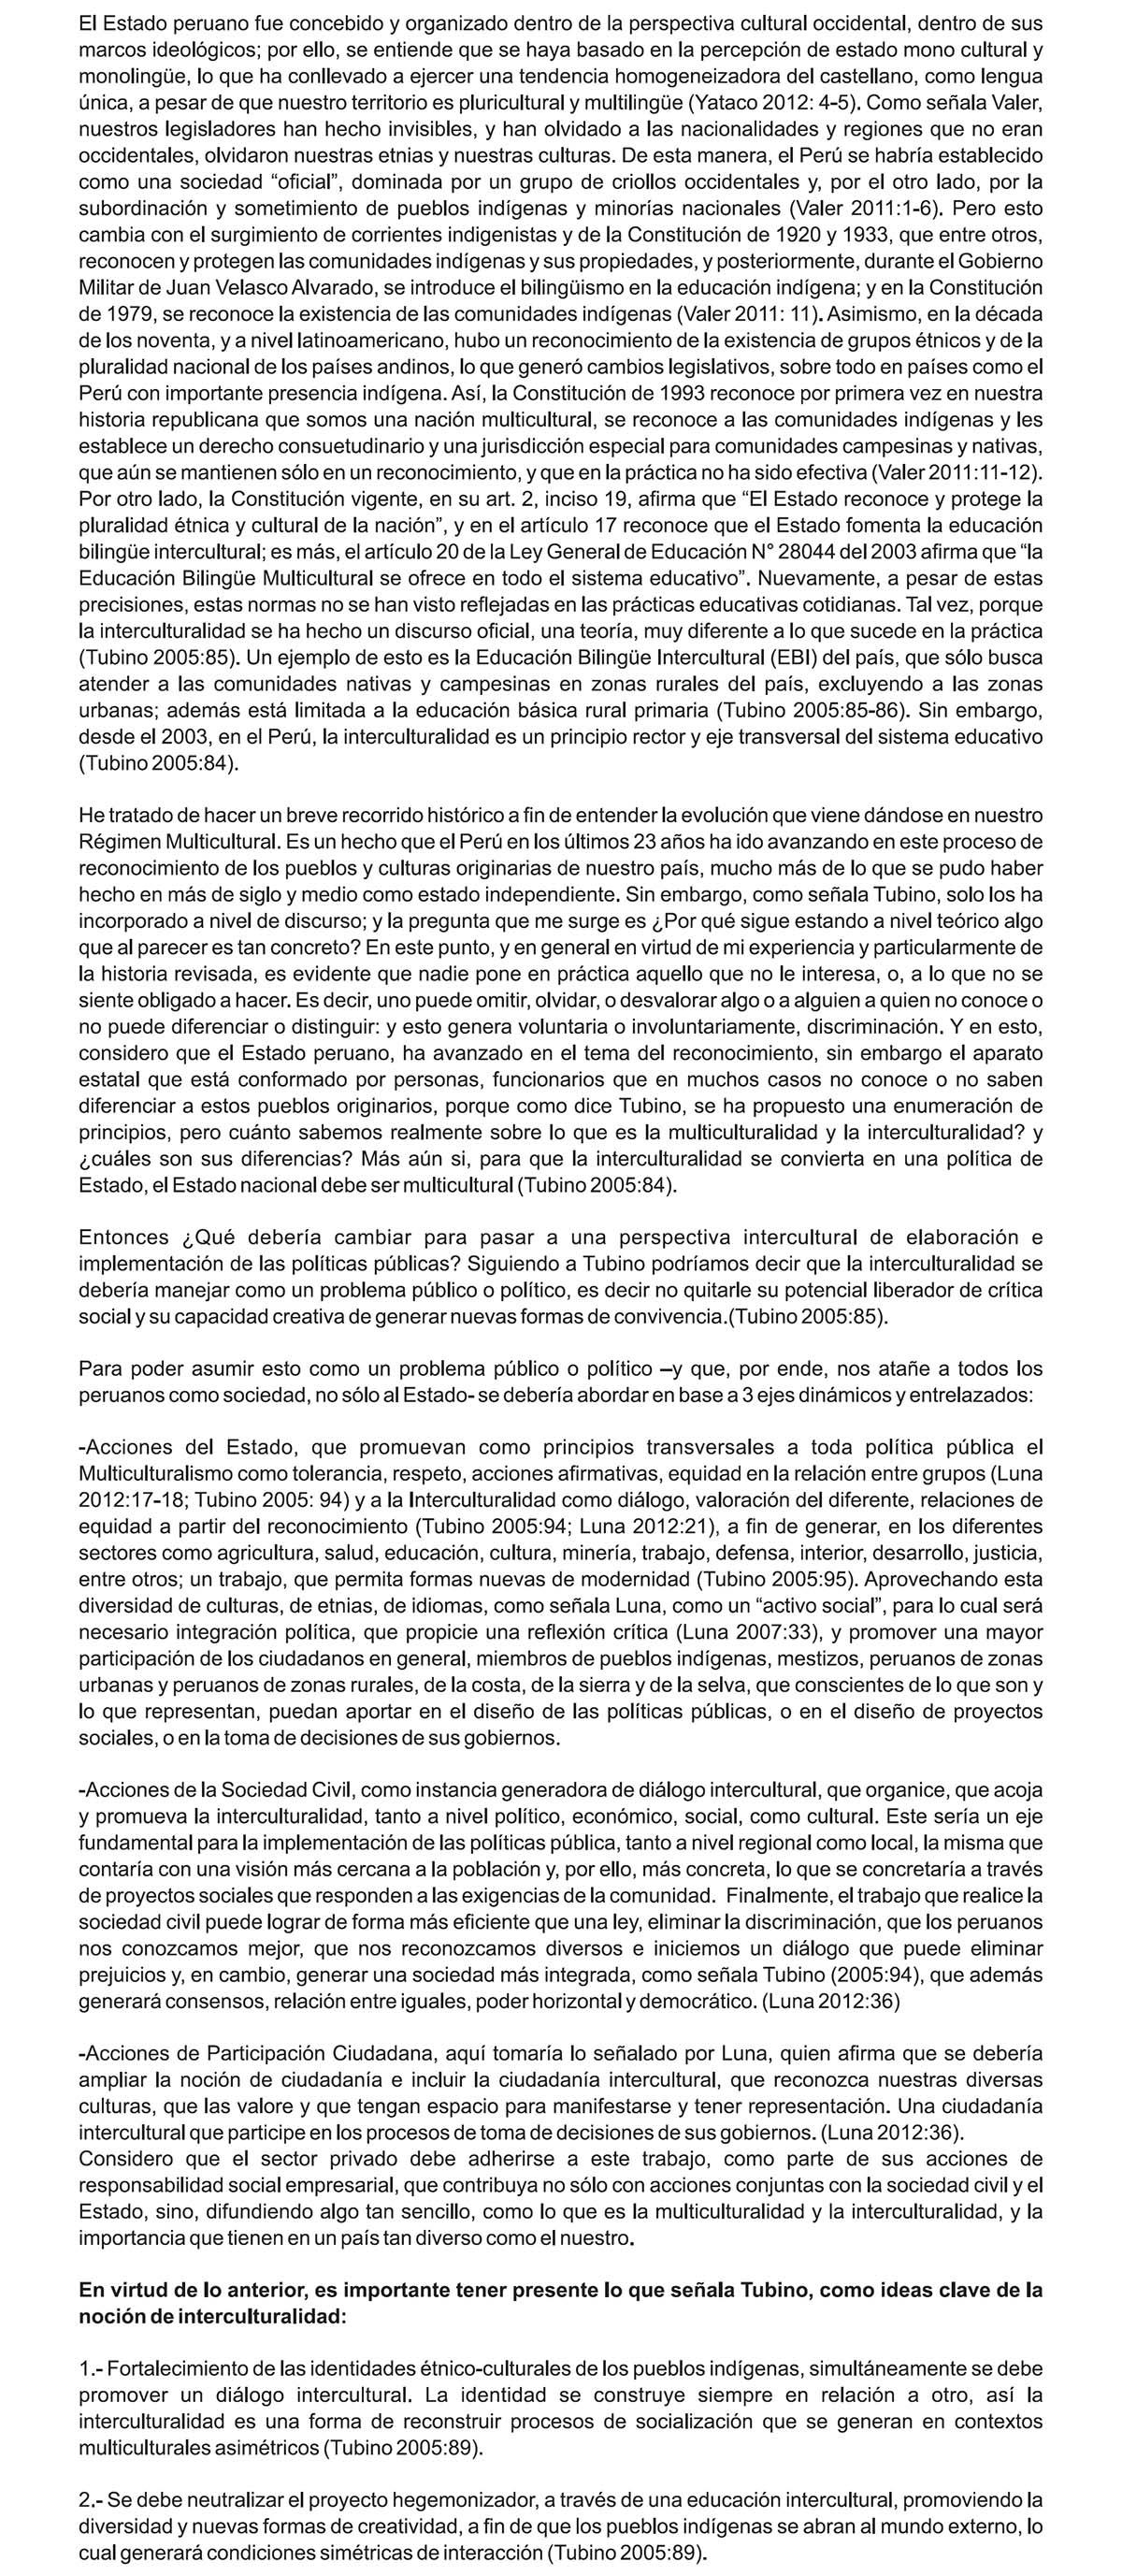 interculturalidad-politicas-publicas-1